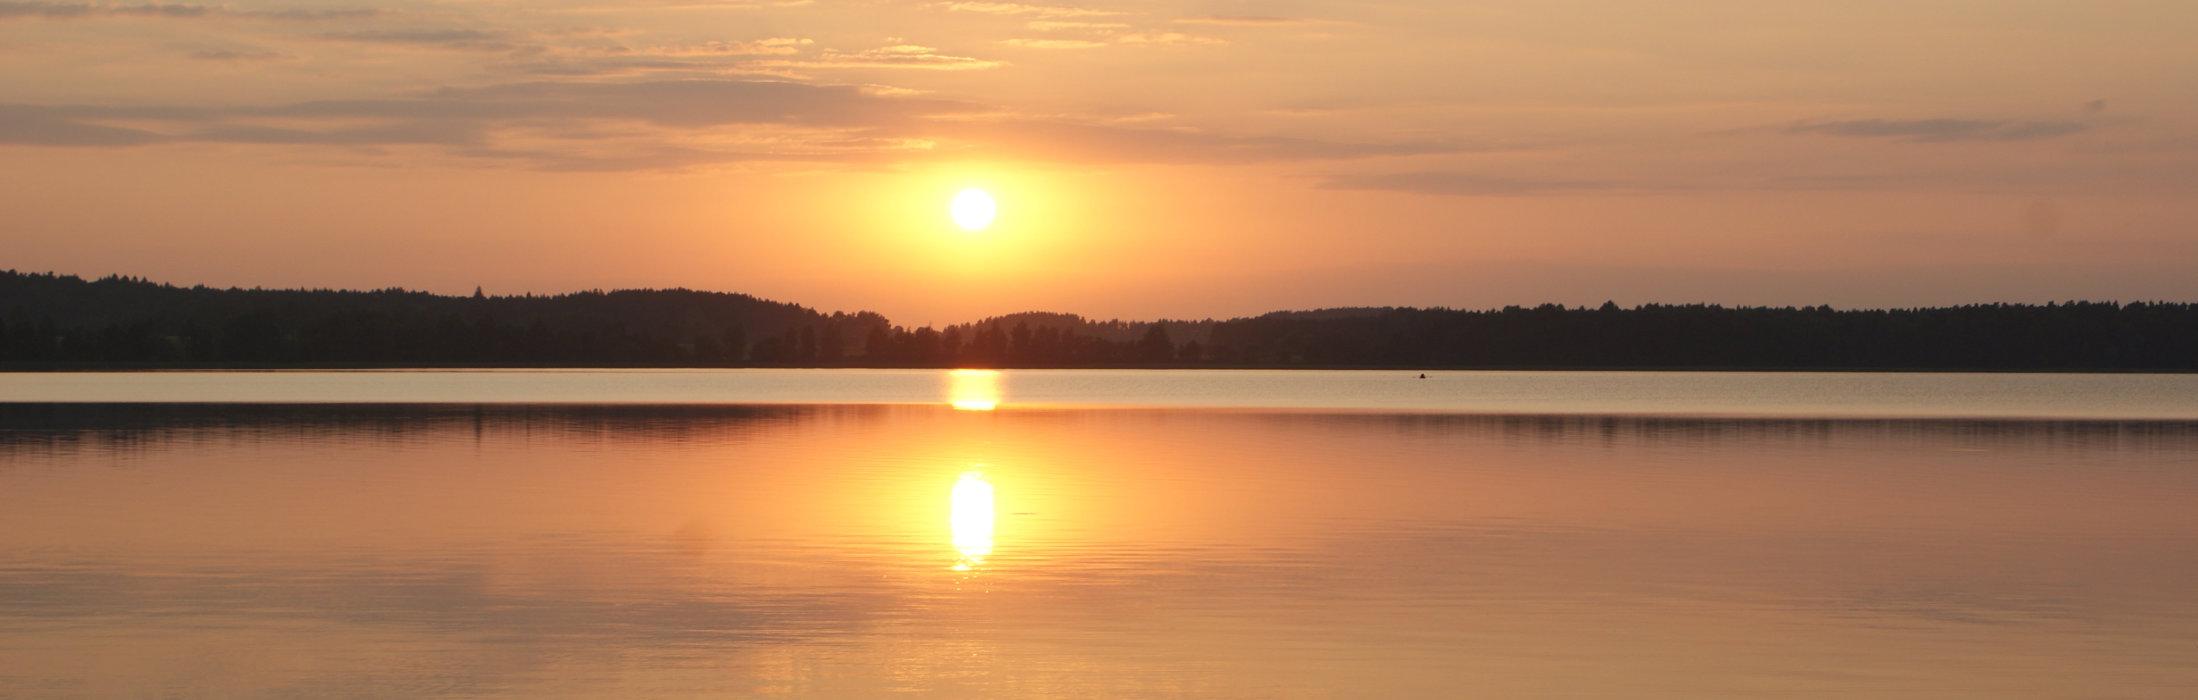 Zachód słońca nad mazurskim jeziorem